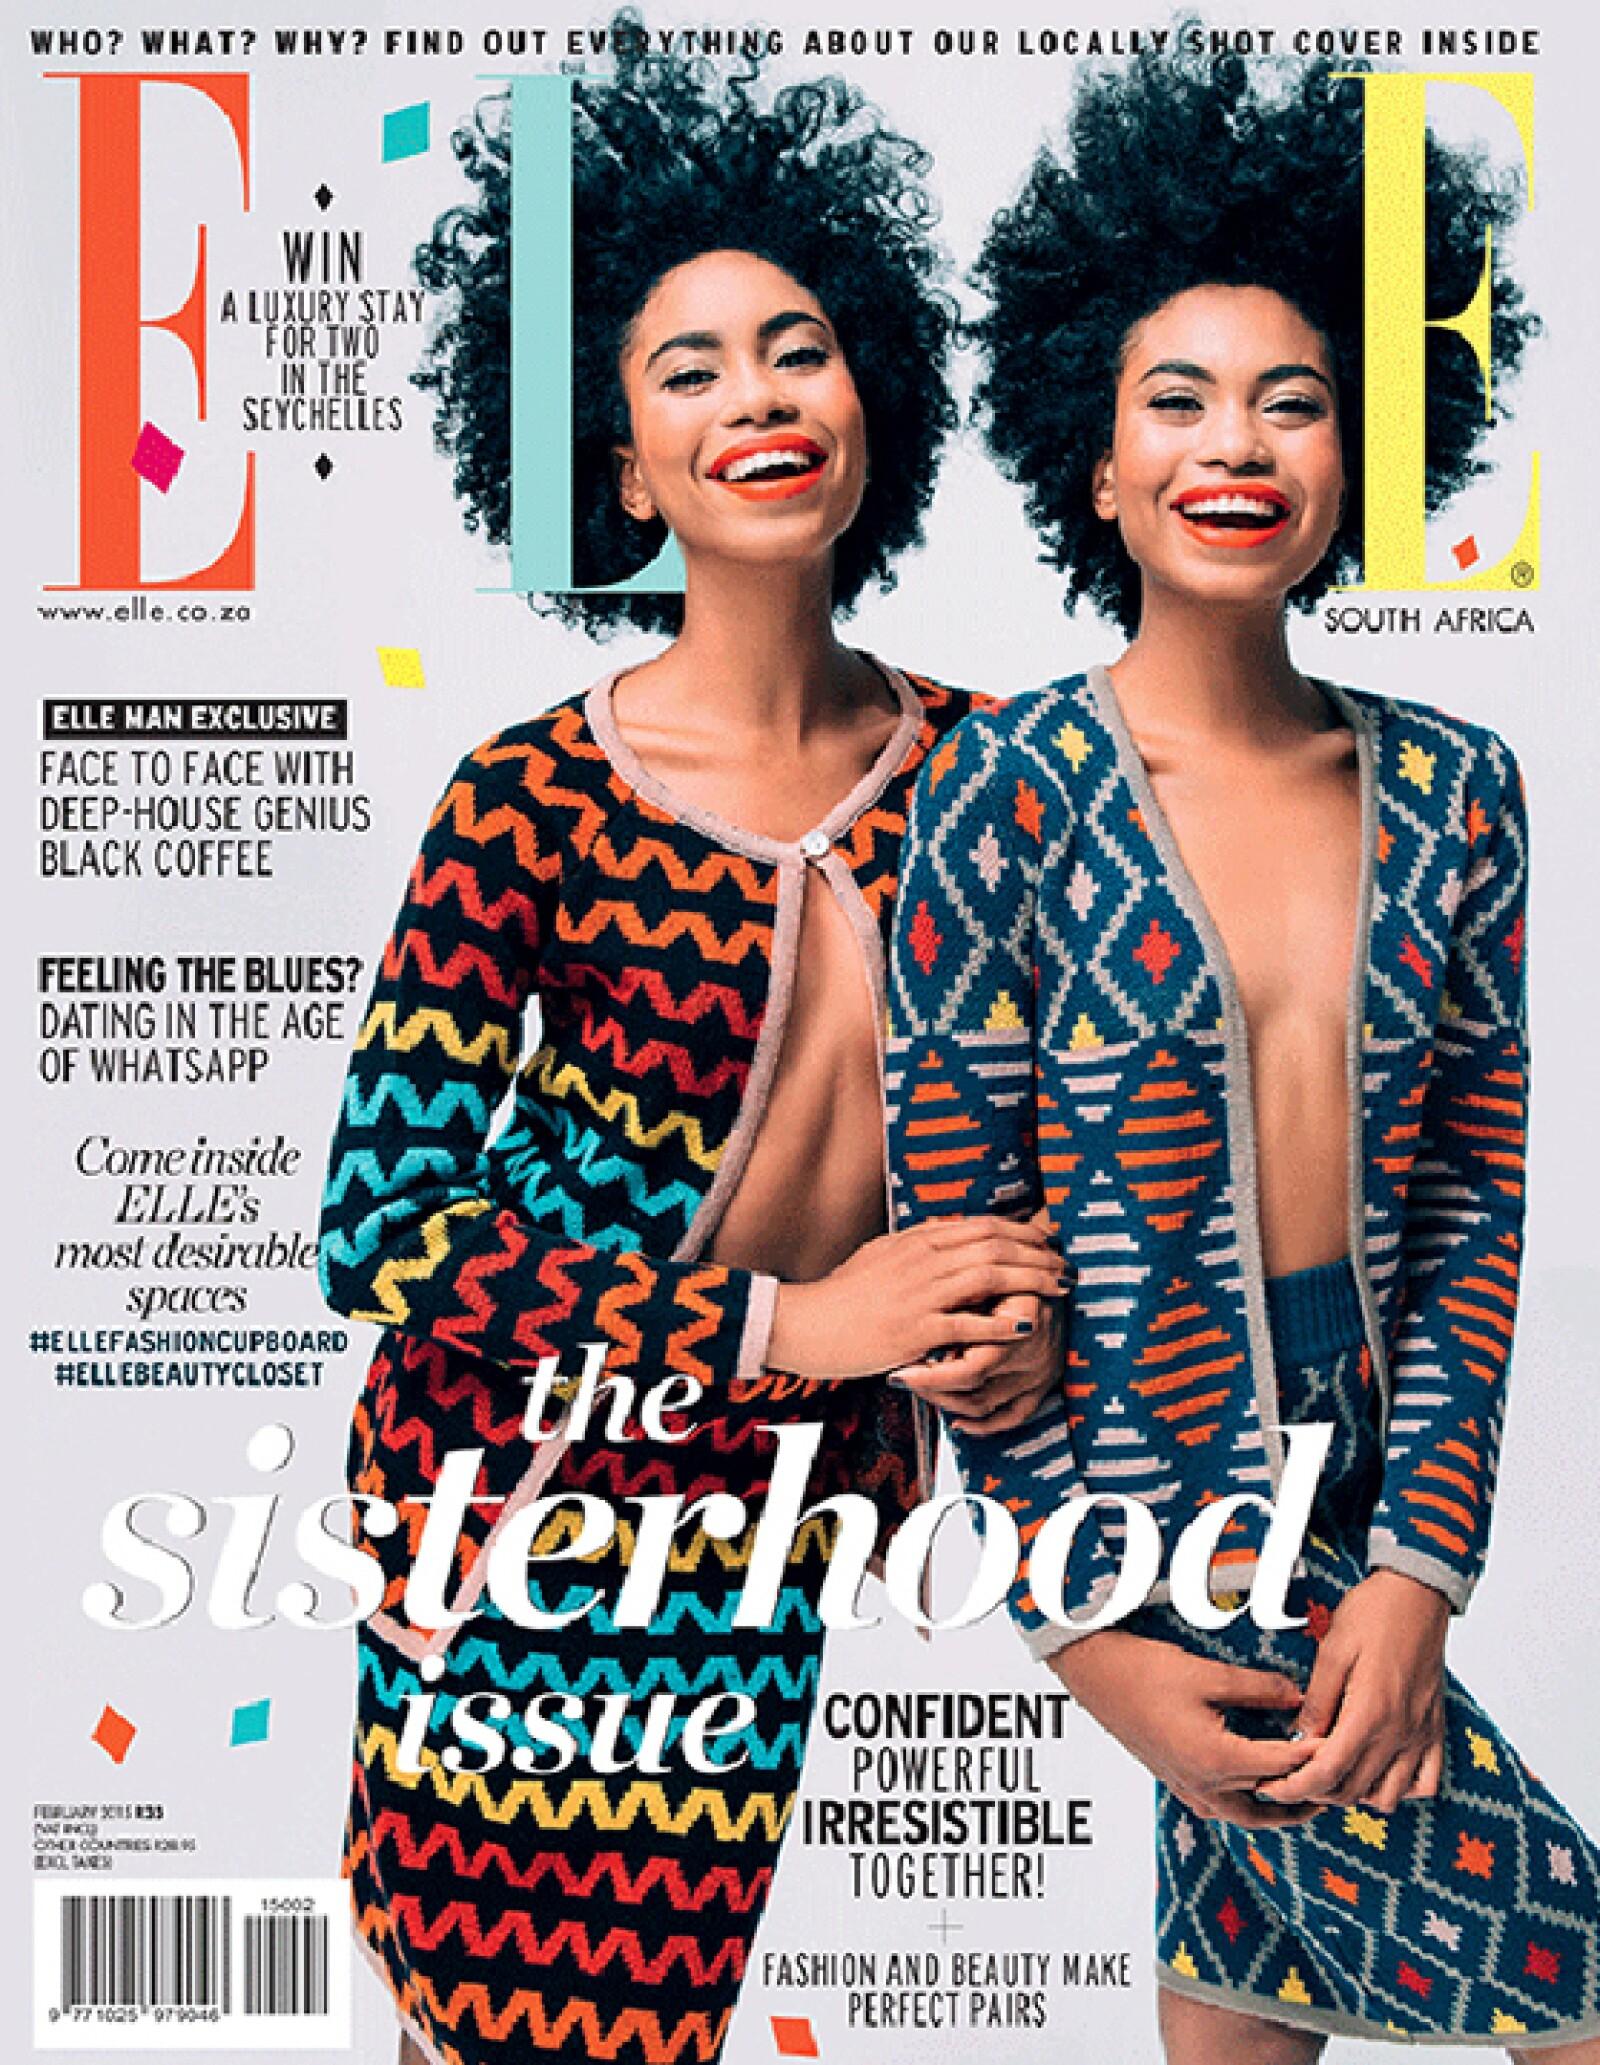 Las gemelas Suzana y Suzane Massena son la portada de ELLE Sud África.